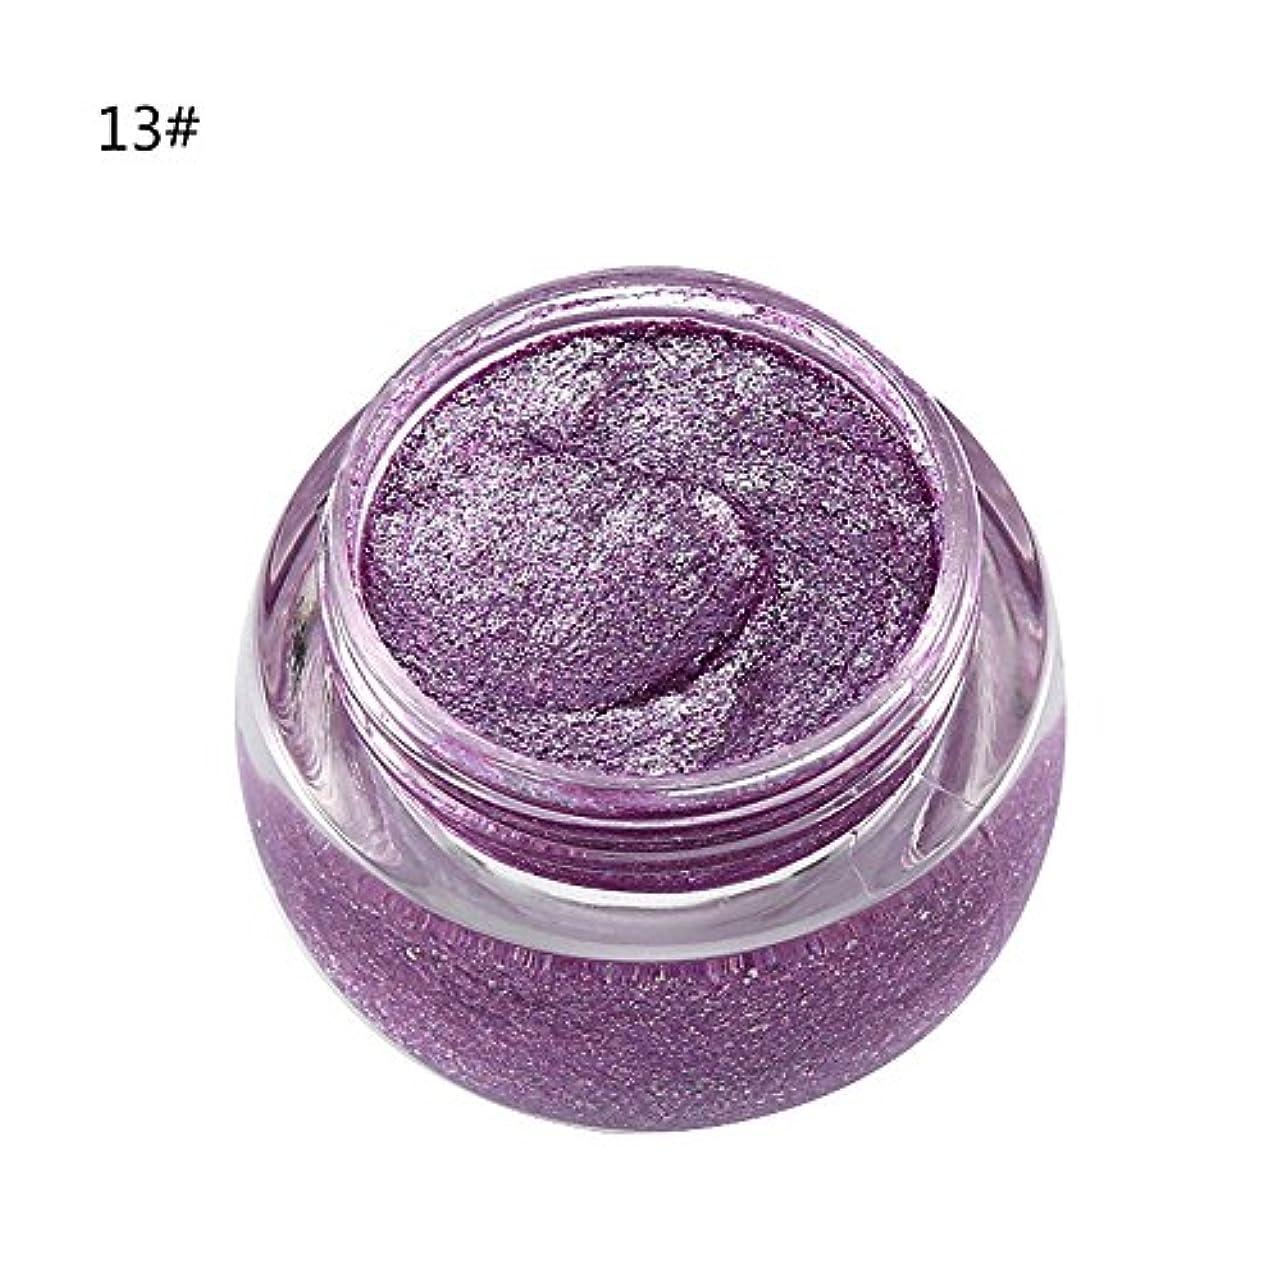 簡単な議題ホイップアイシャドウ 単色 化粧品 光沢 保湿 キラキラ 美しい タイプ 13